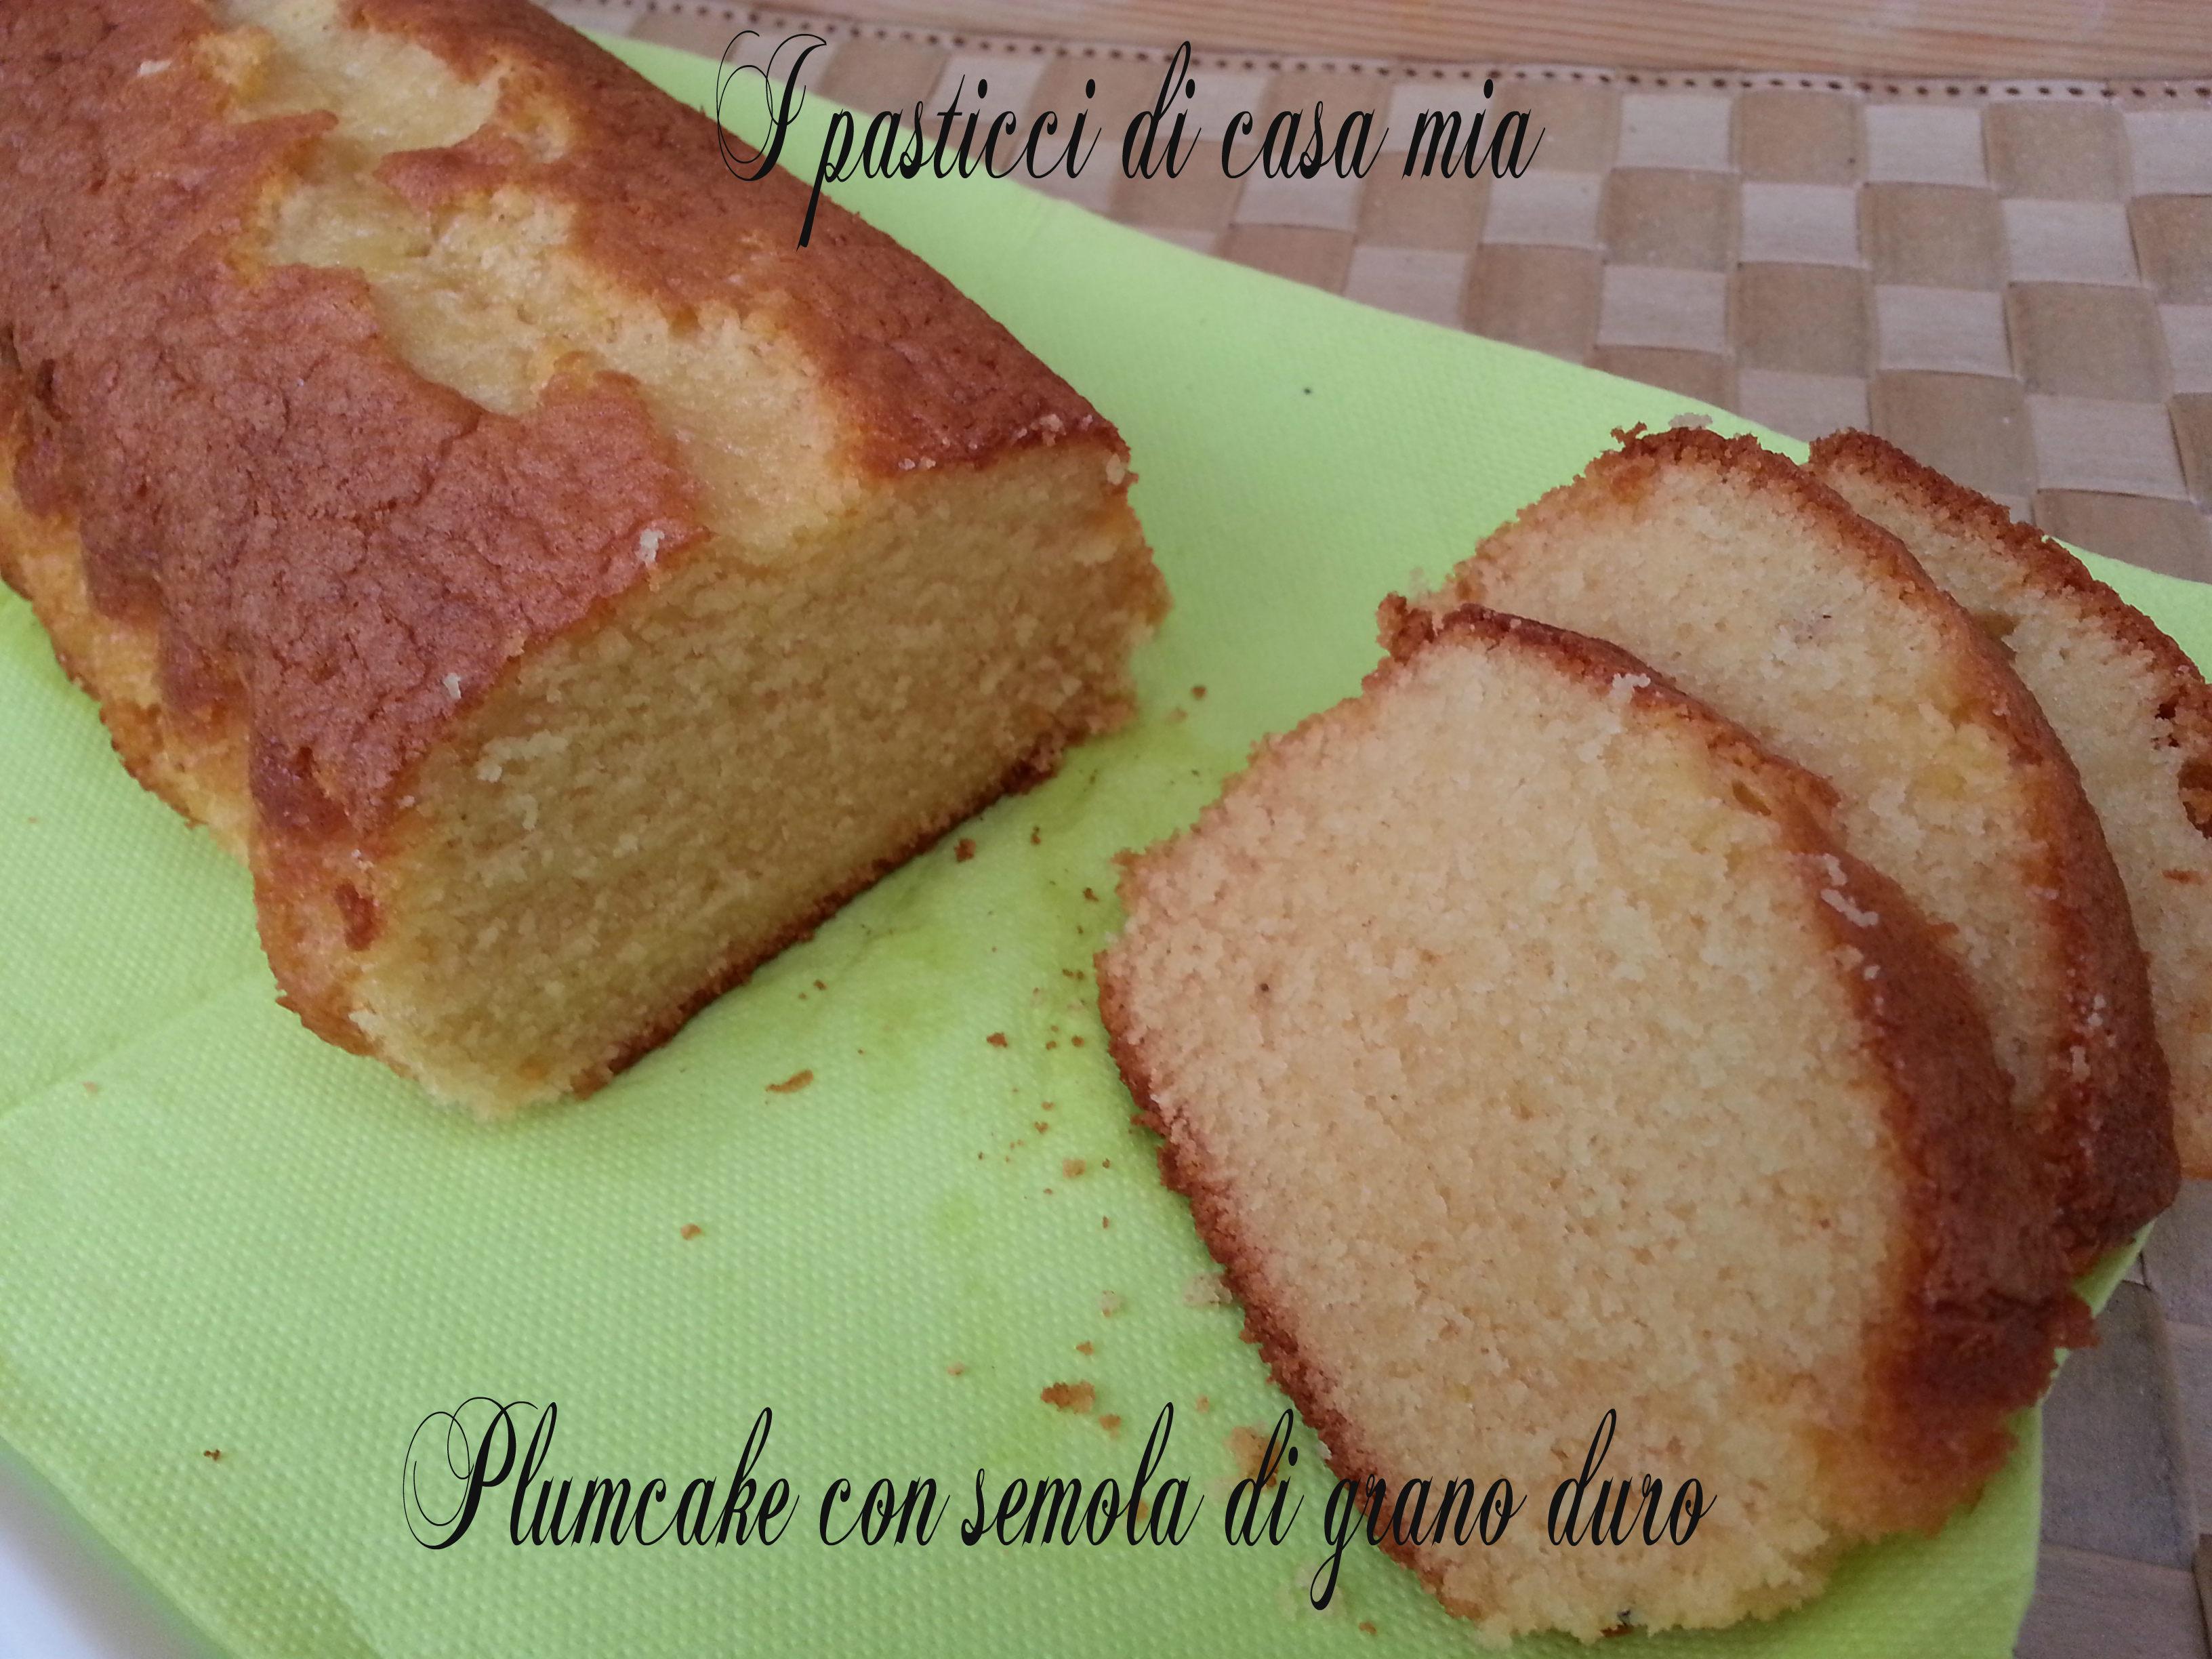 Plumcake con semola di grano duro